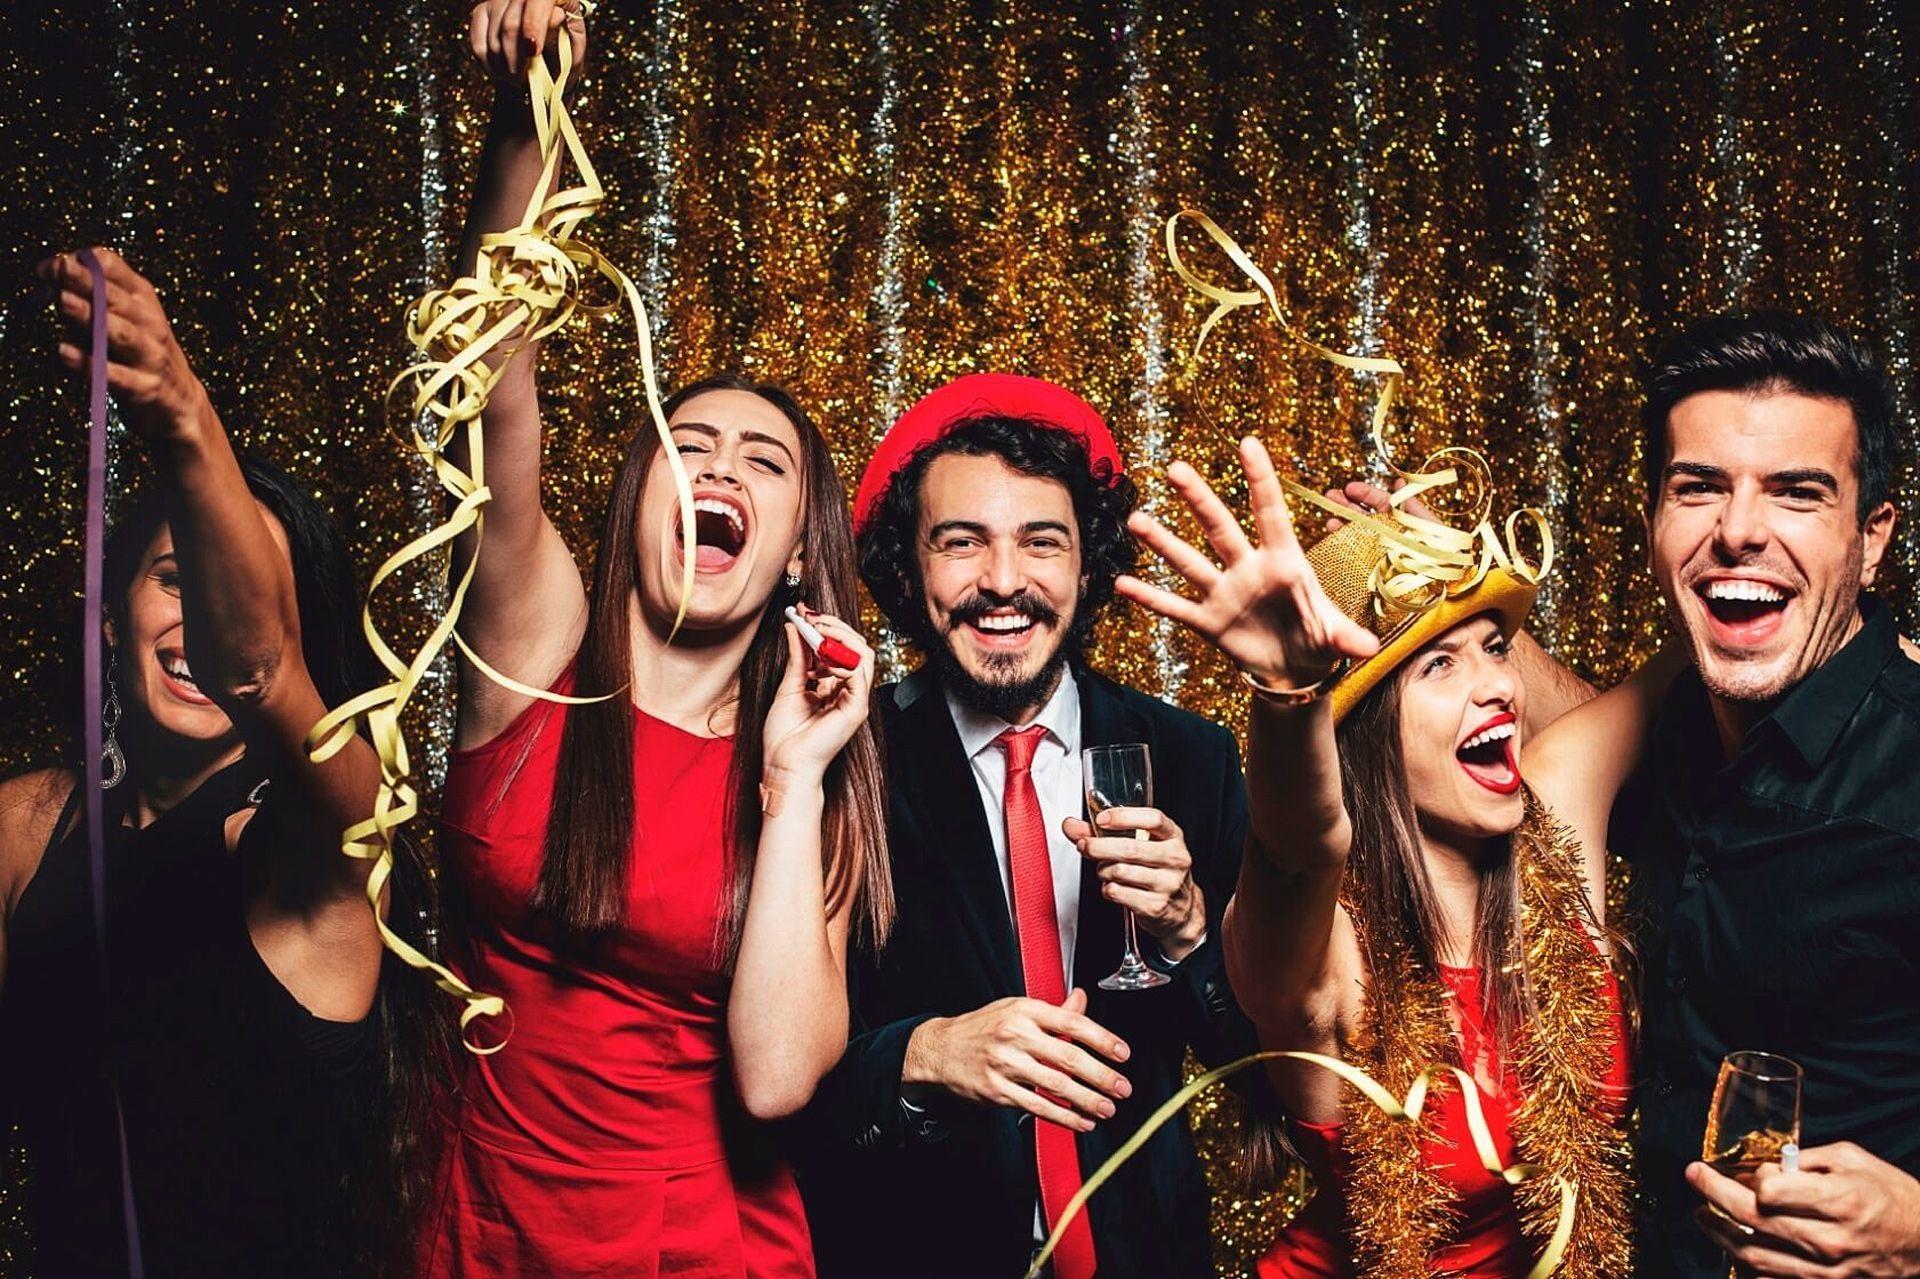 Новогодняя ночь — это время, когда все люди становятся чуть ближе, даже если они совсем не знают